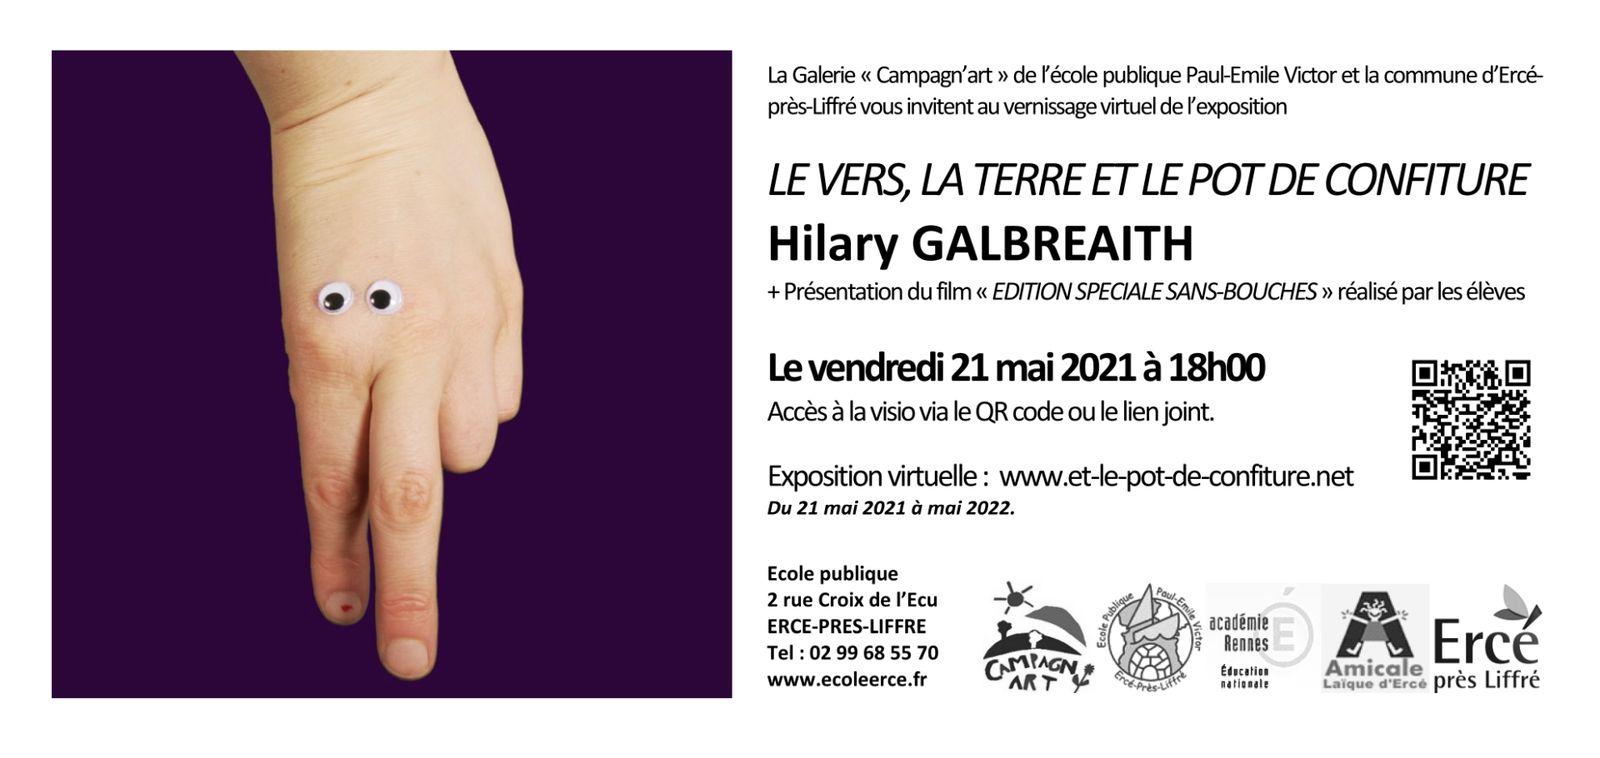 Vernissage de l'exposition Campagn'art